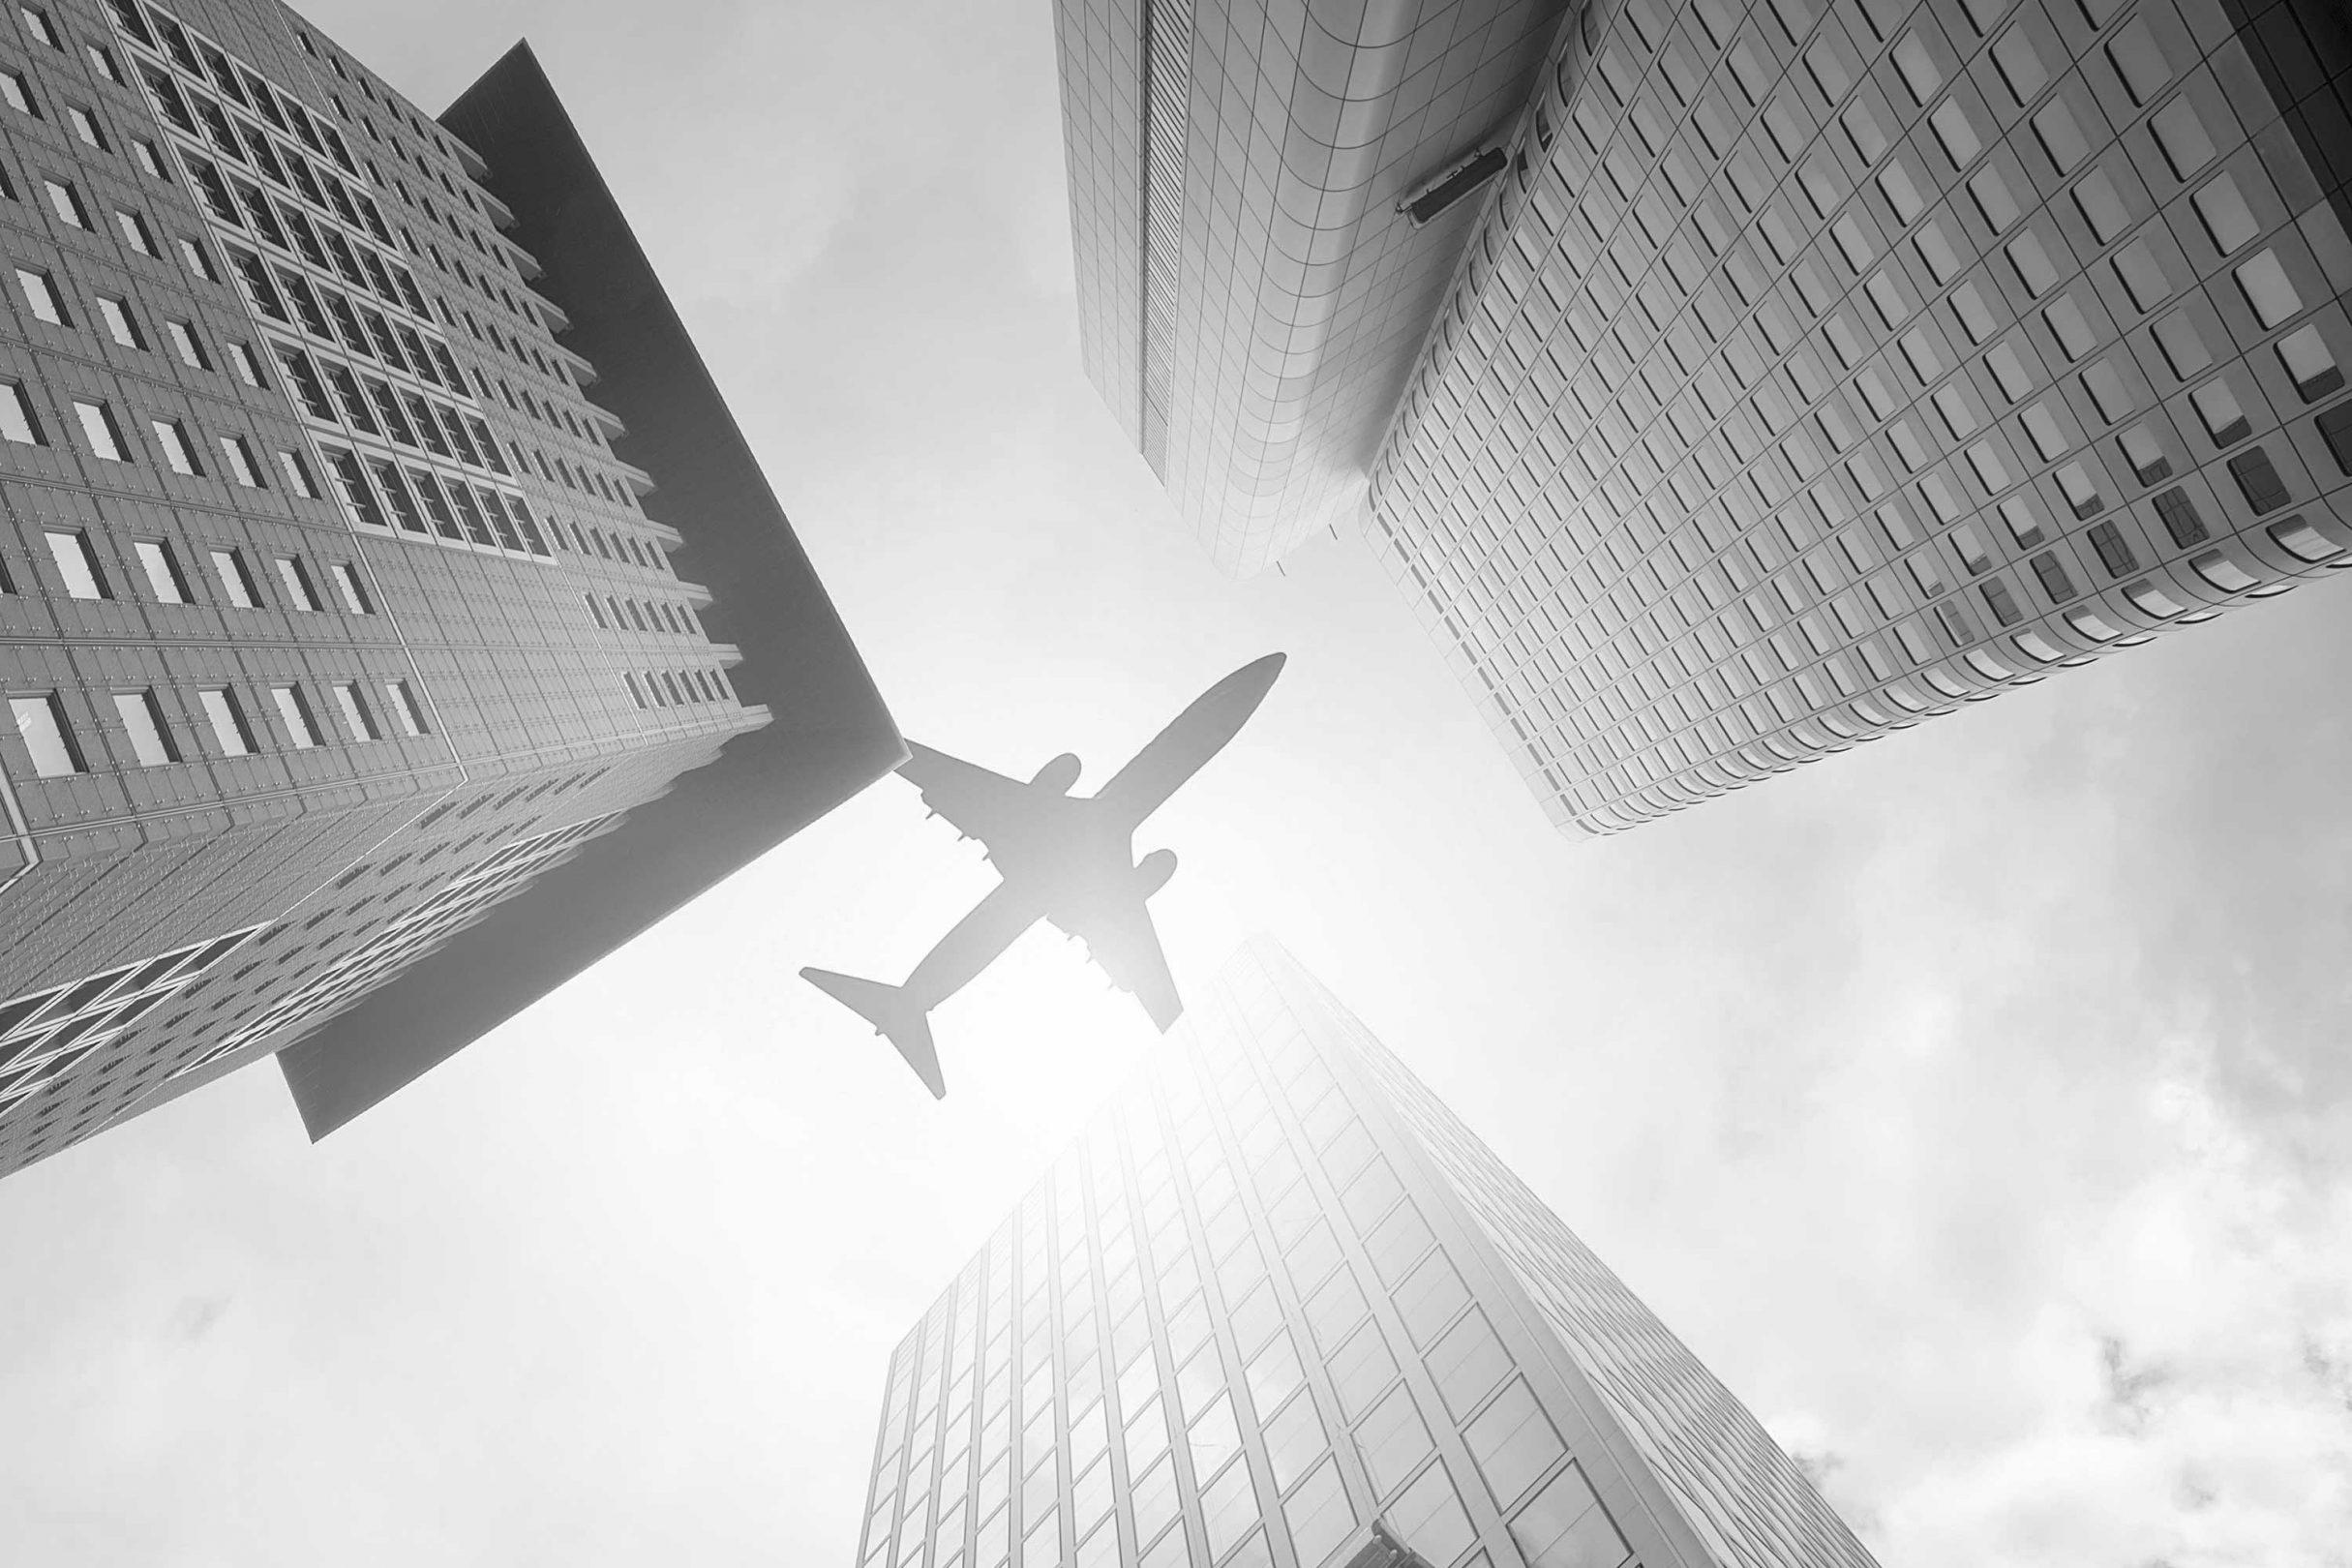 Flugzeug über Hochhäusern